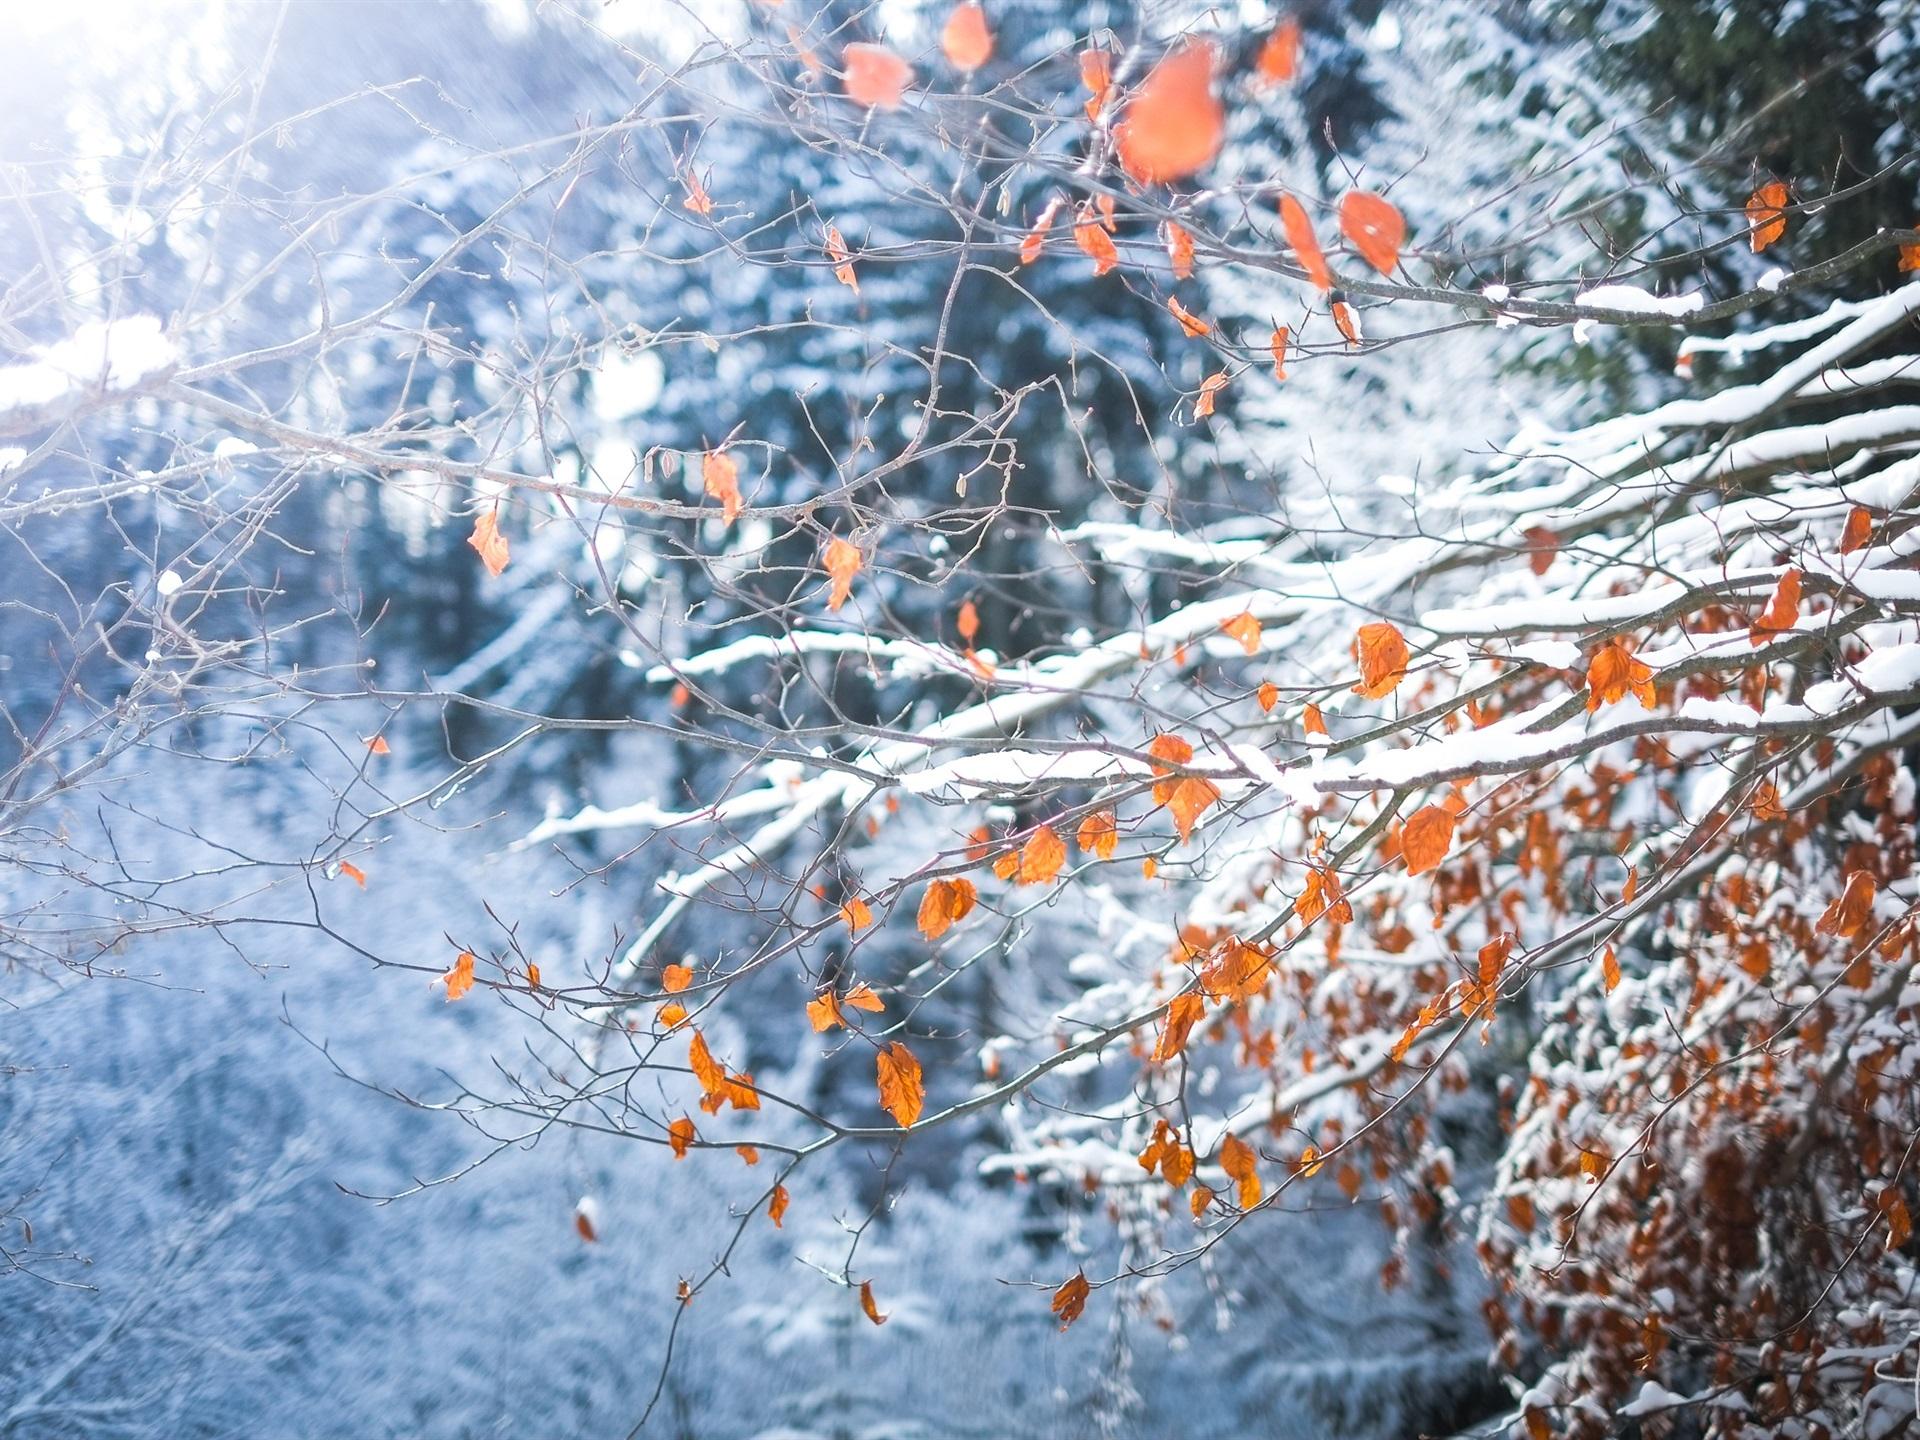 картинки листьев зимой отпрысков